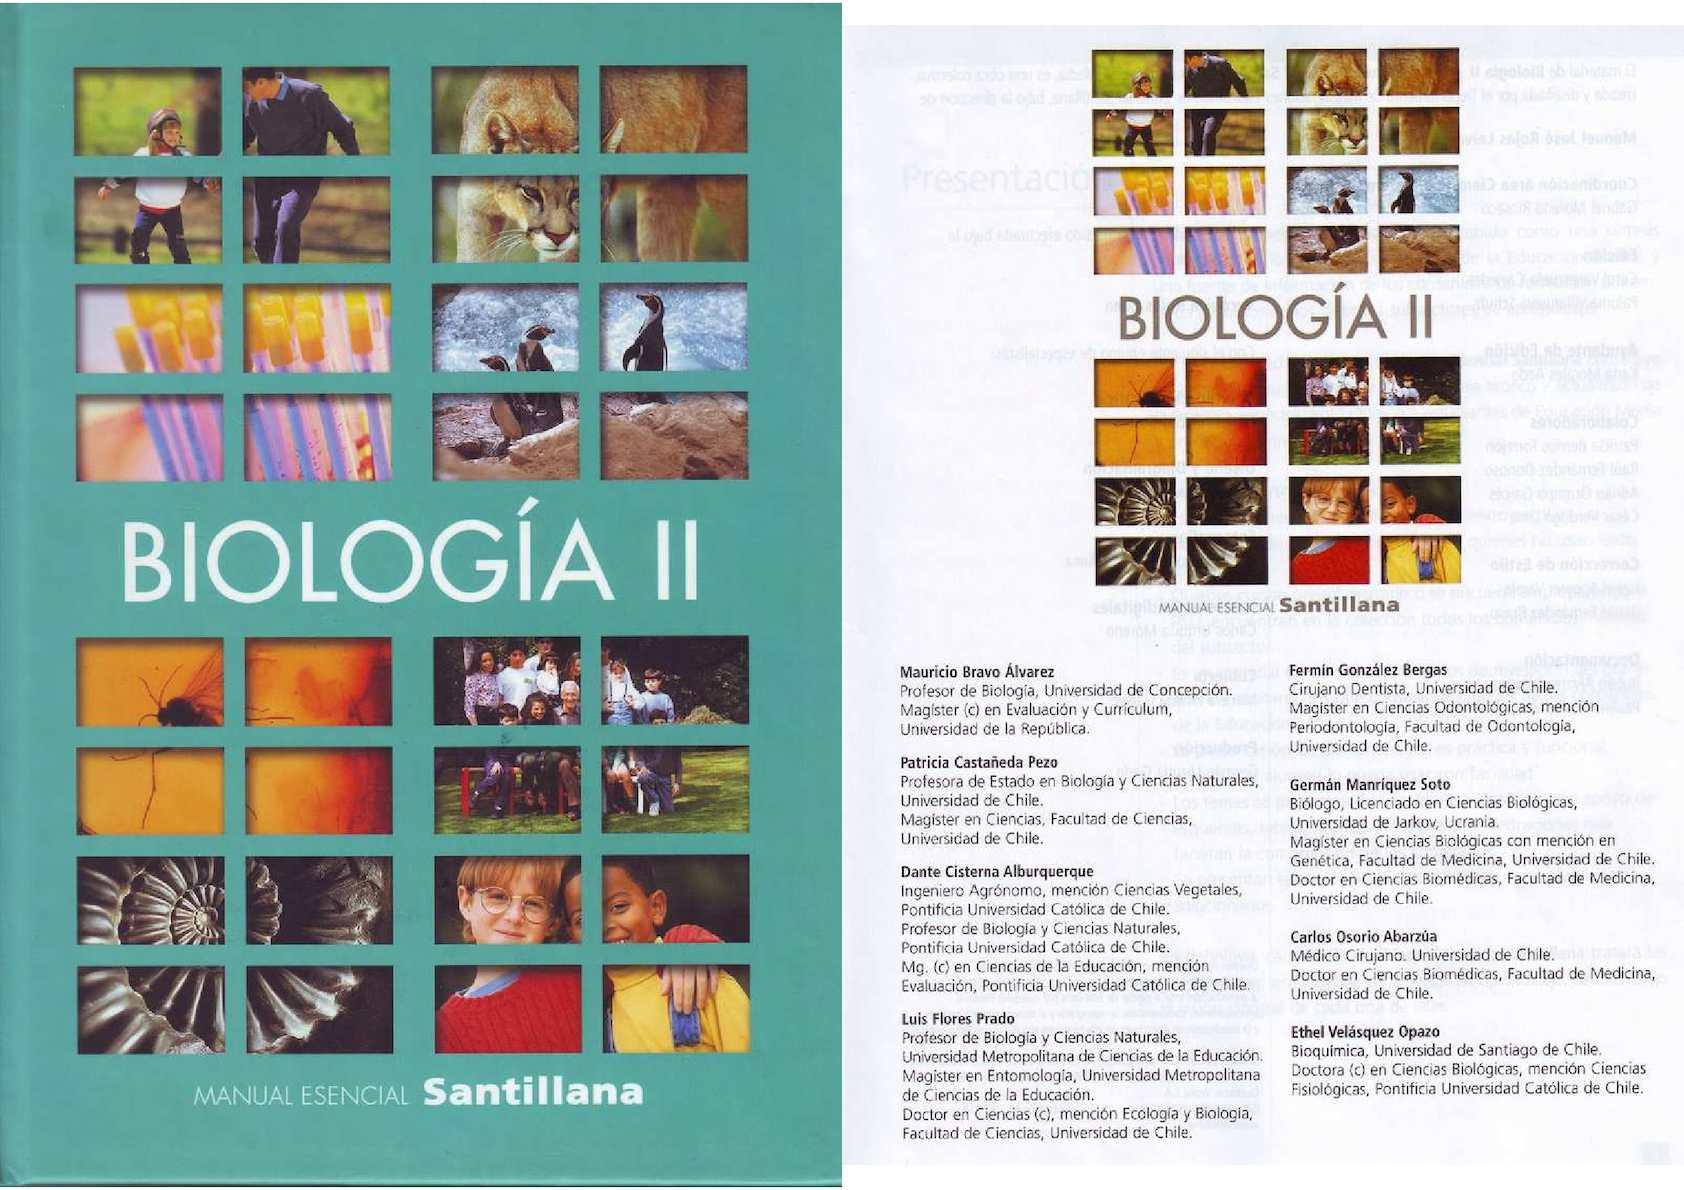 Biología Ii; Editorial Santillana   CALAMEO Downloader